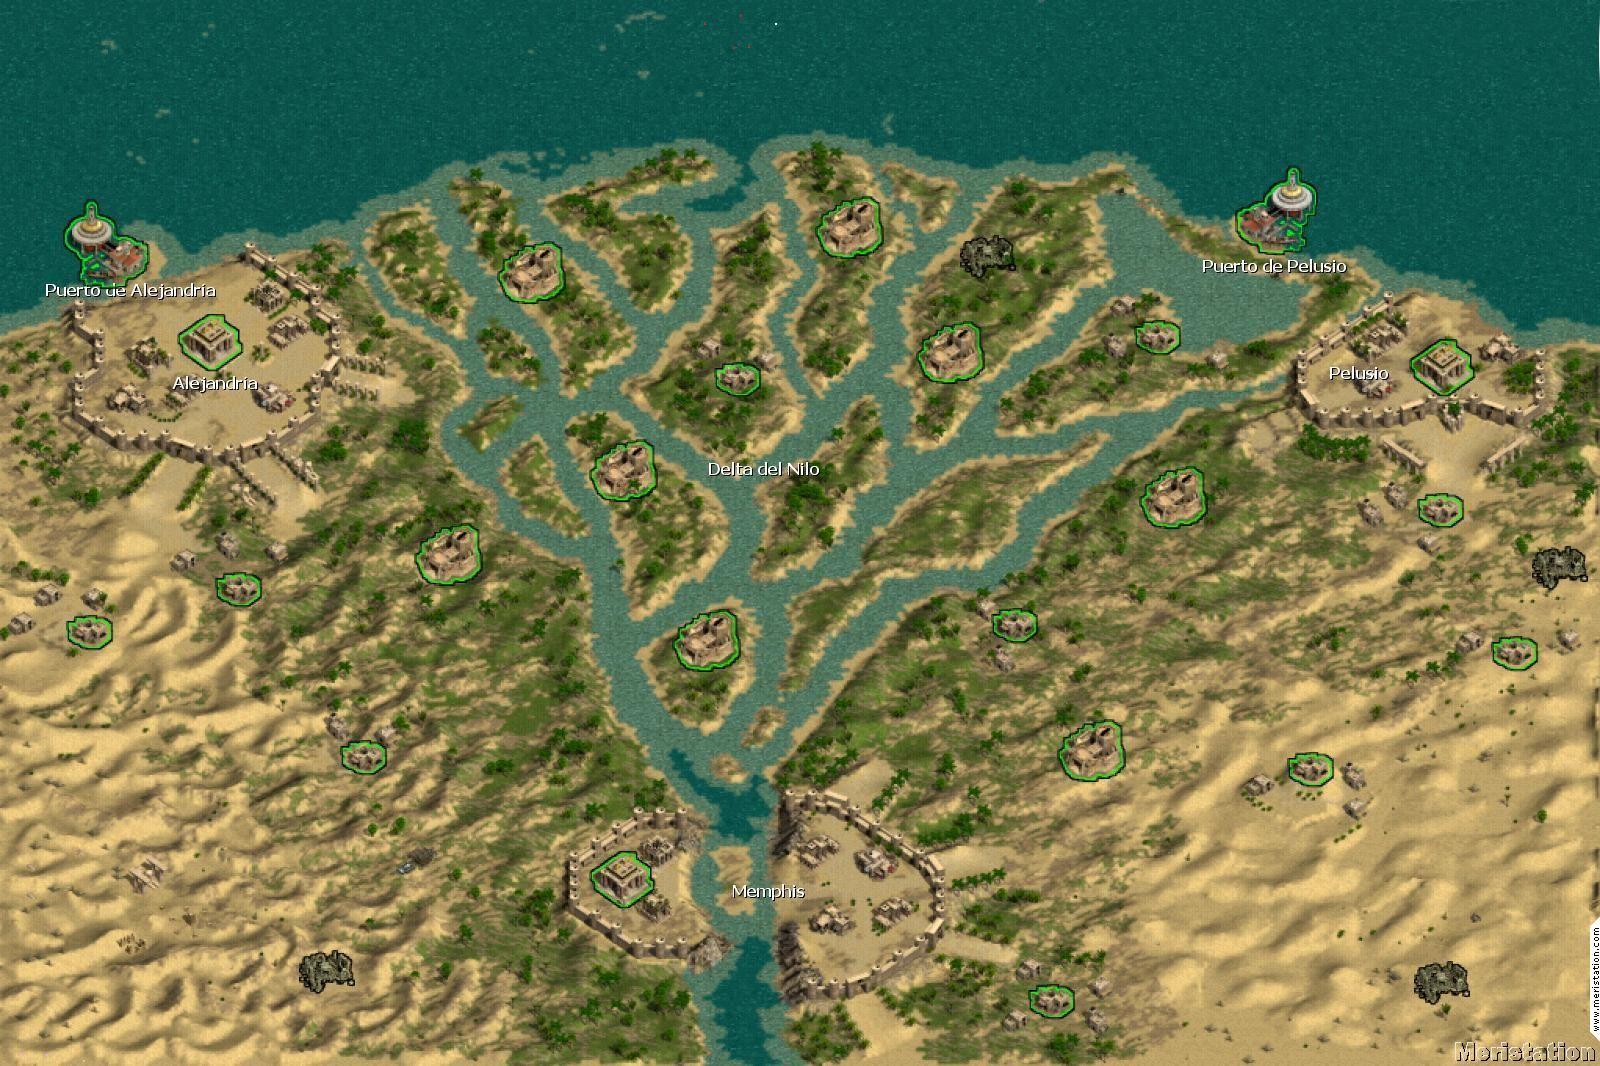 Las Siete Bocas Del Nilo Lugares